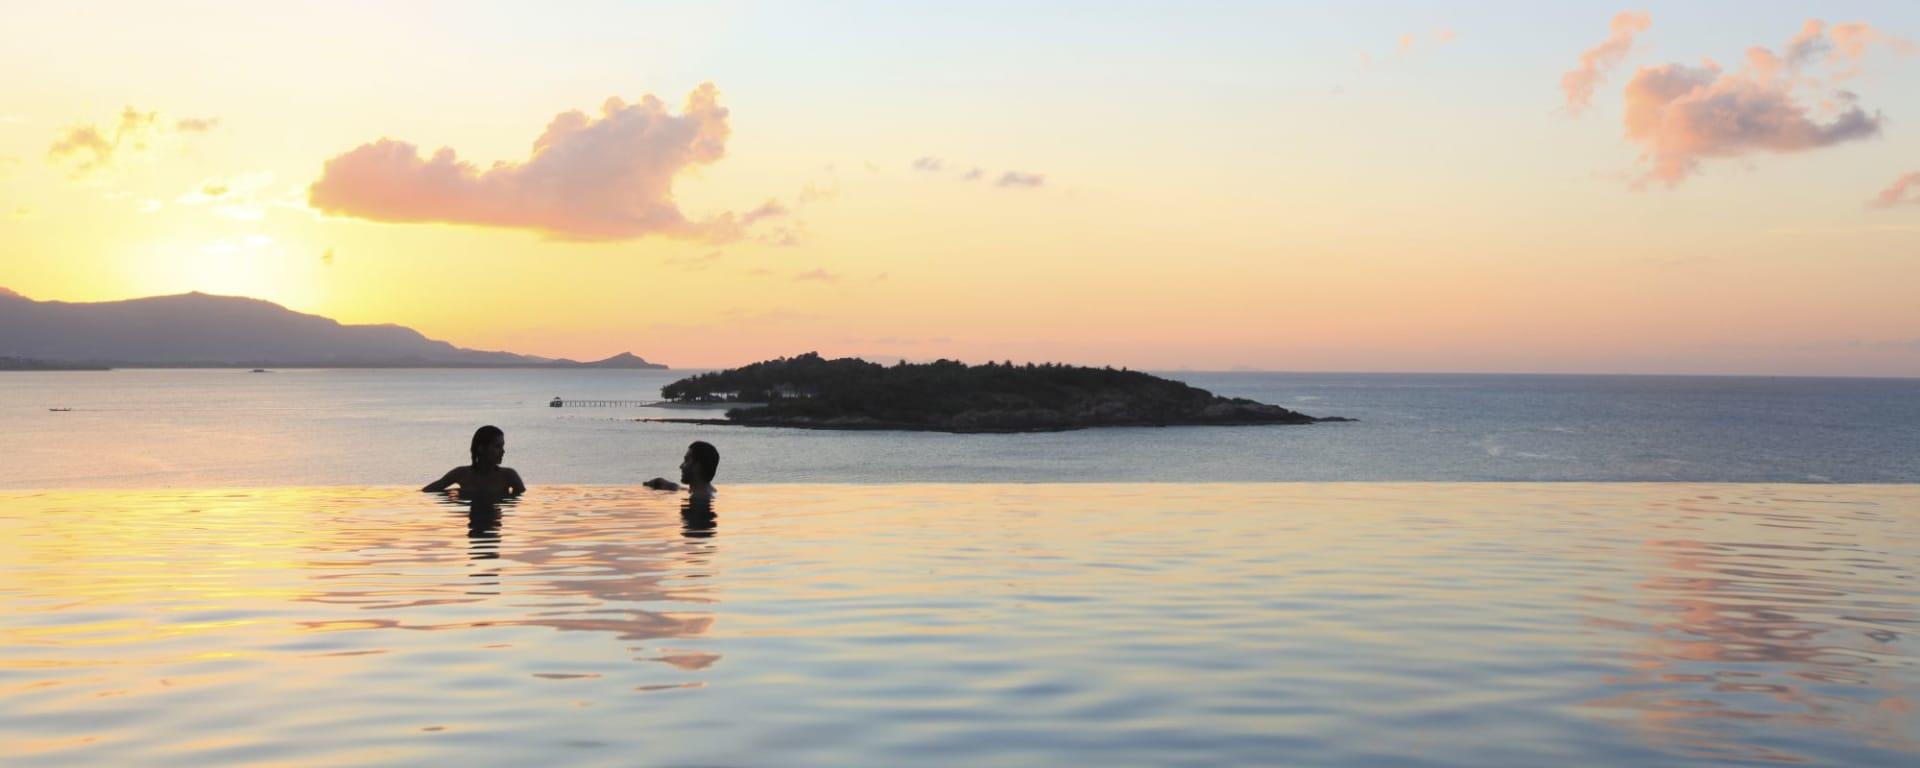 Six Senses Samui in Ko Samui: Main Pool View